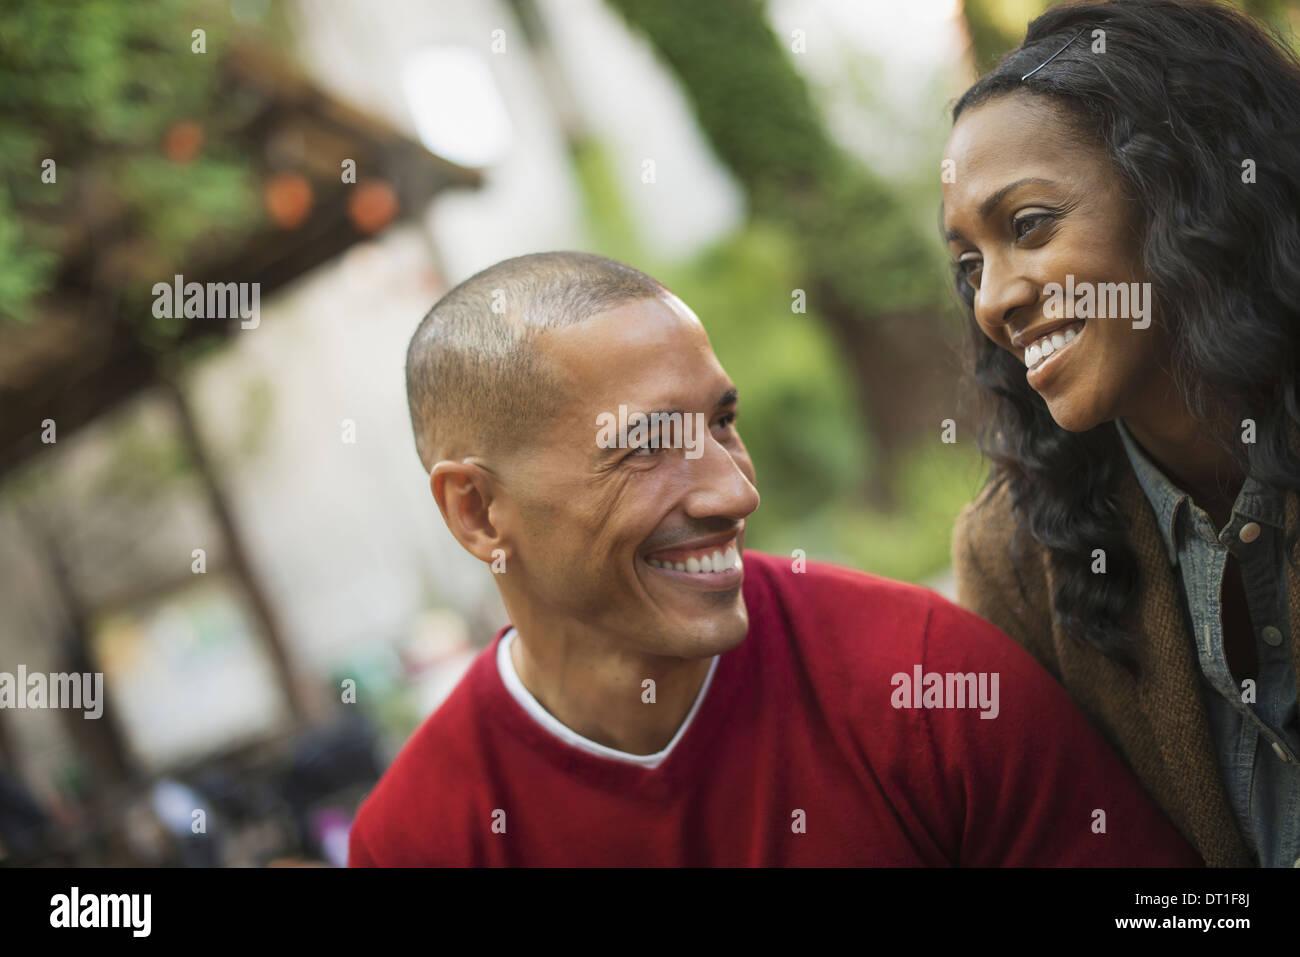 Szenen aus dem städtischen Leben in New York City A Mann und eine Frau ein paar sahen einander im freien Stockbild